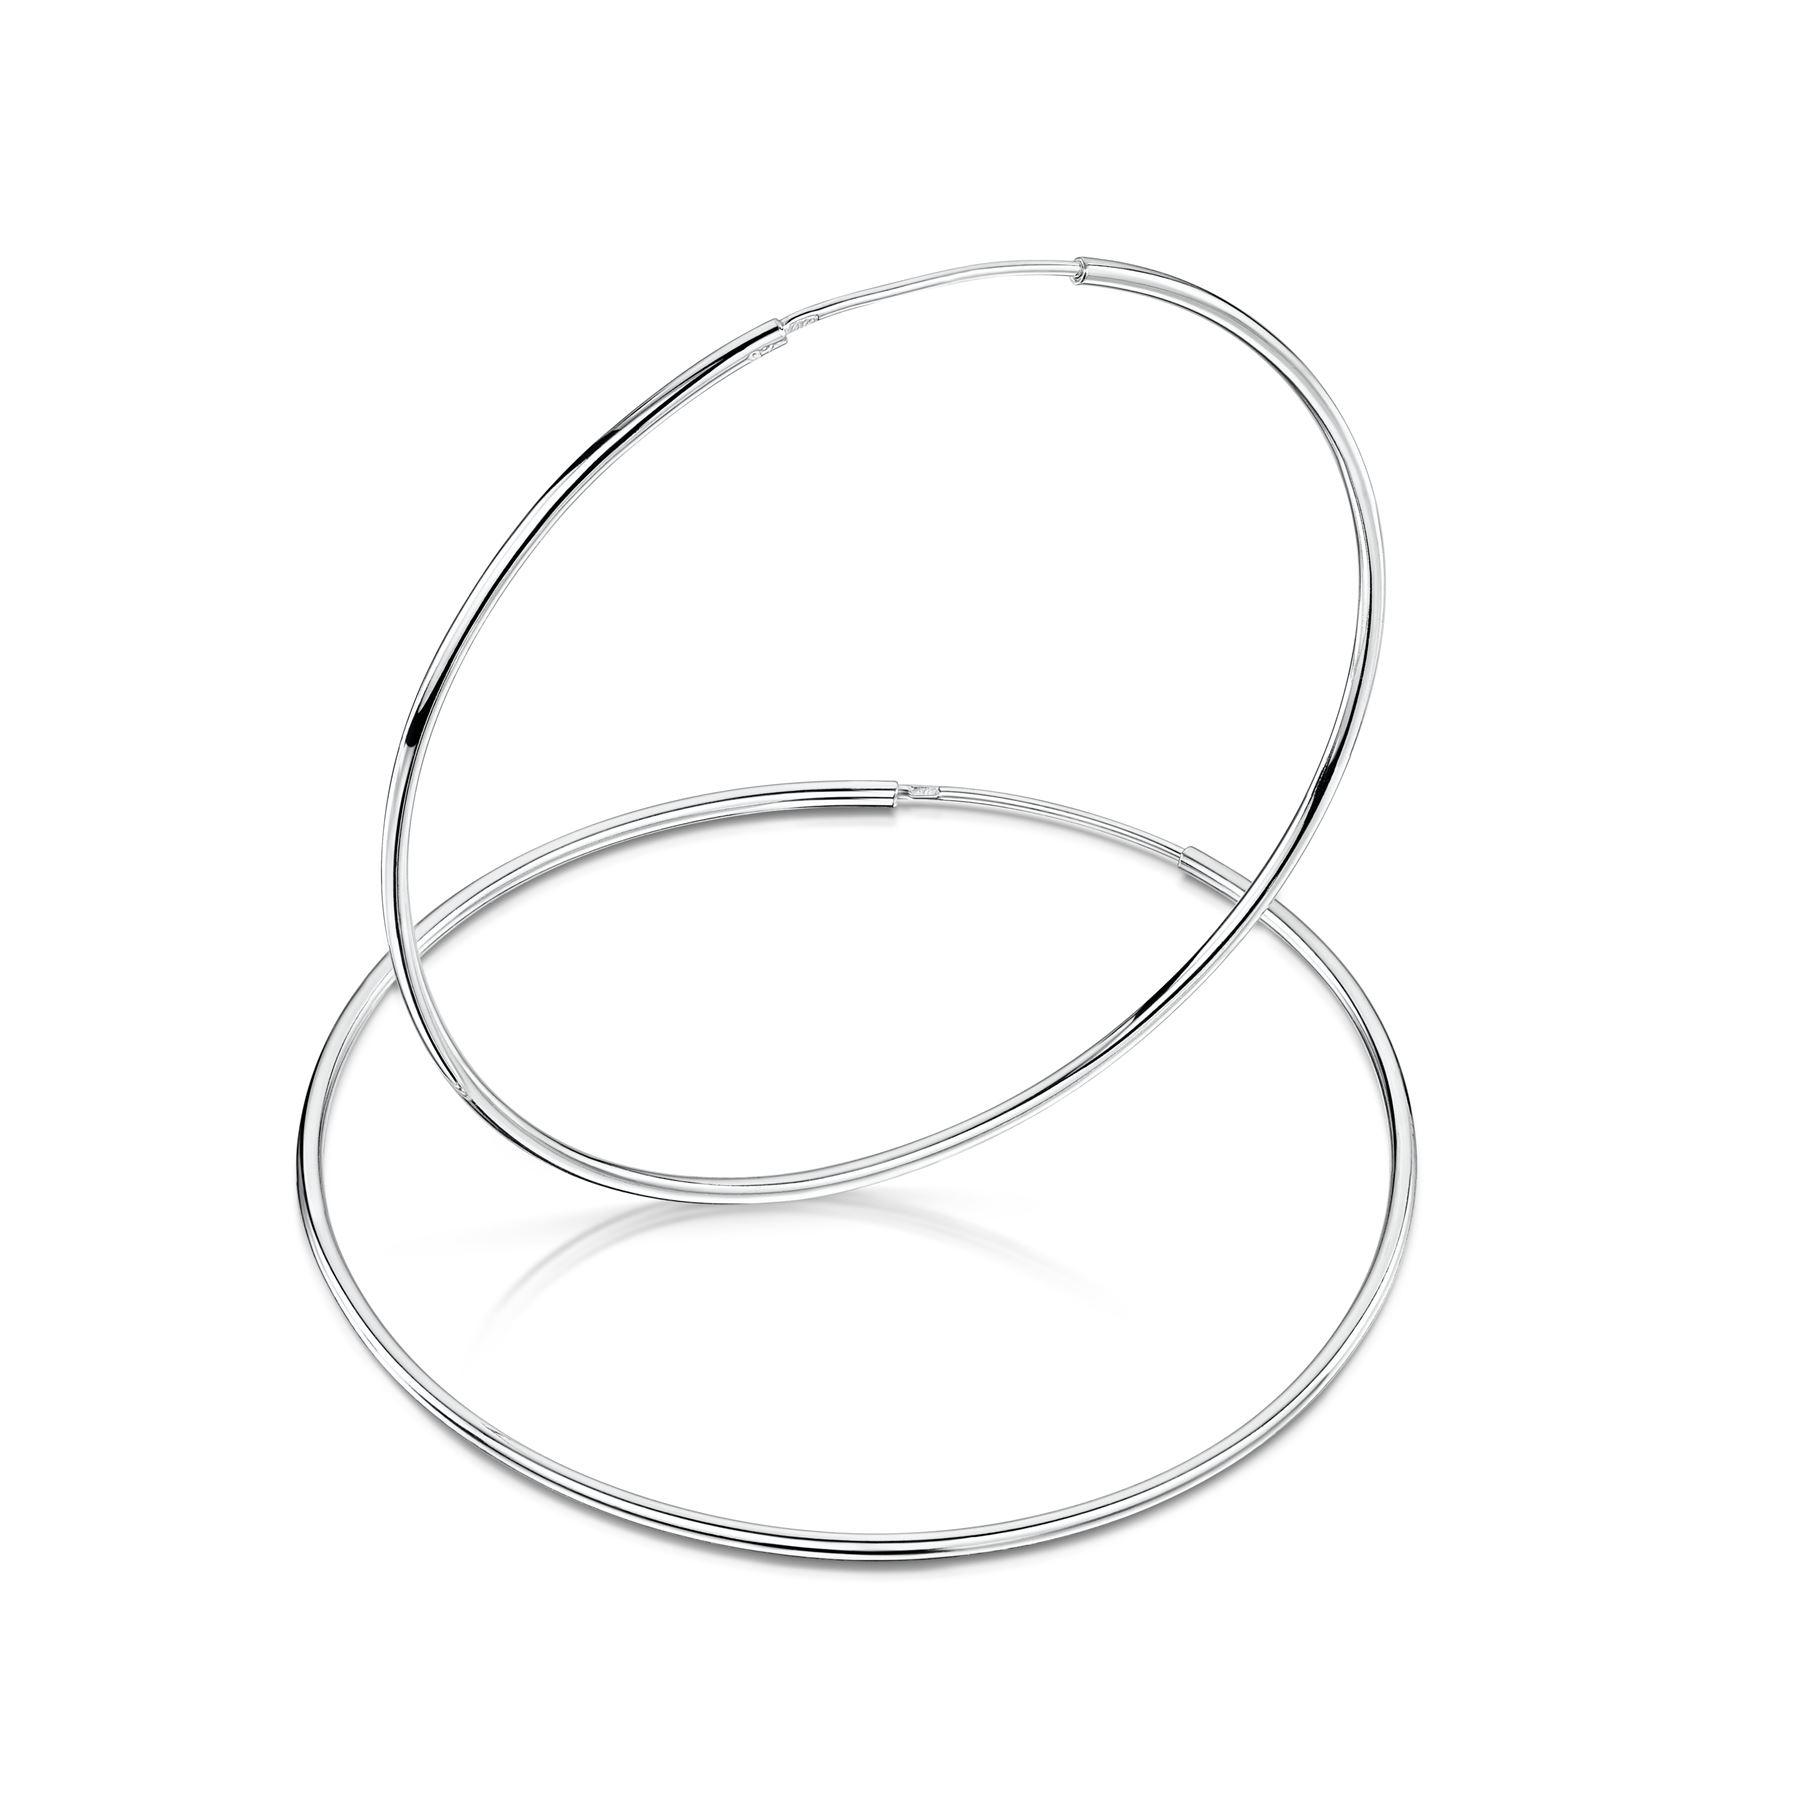 Amberta-Pendientes-para-Mujer-Aros-en-Plata-De-Ley-925-Autentica-Estilo-Clasico miniatura 45